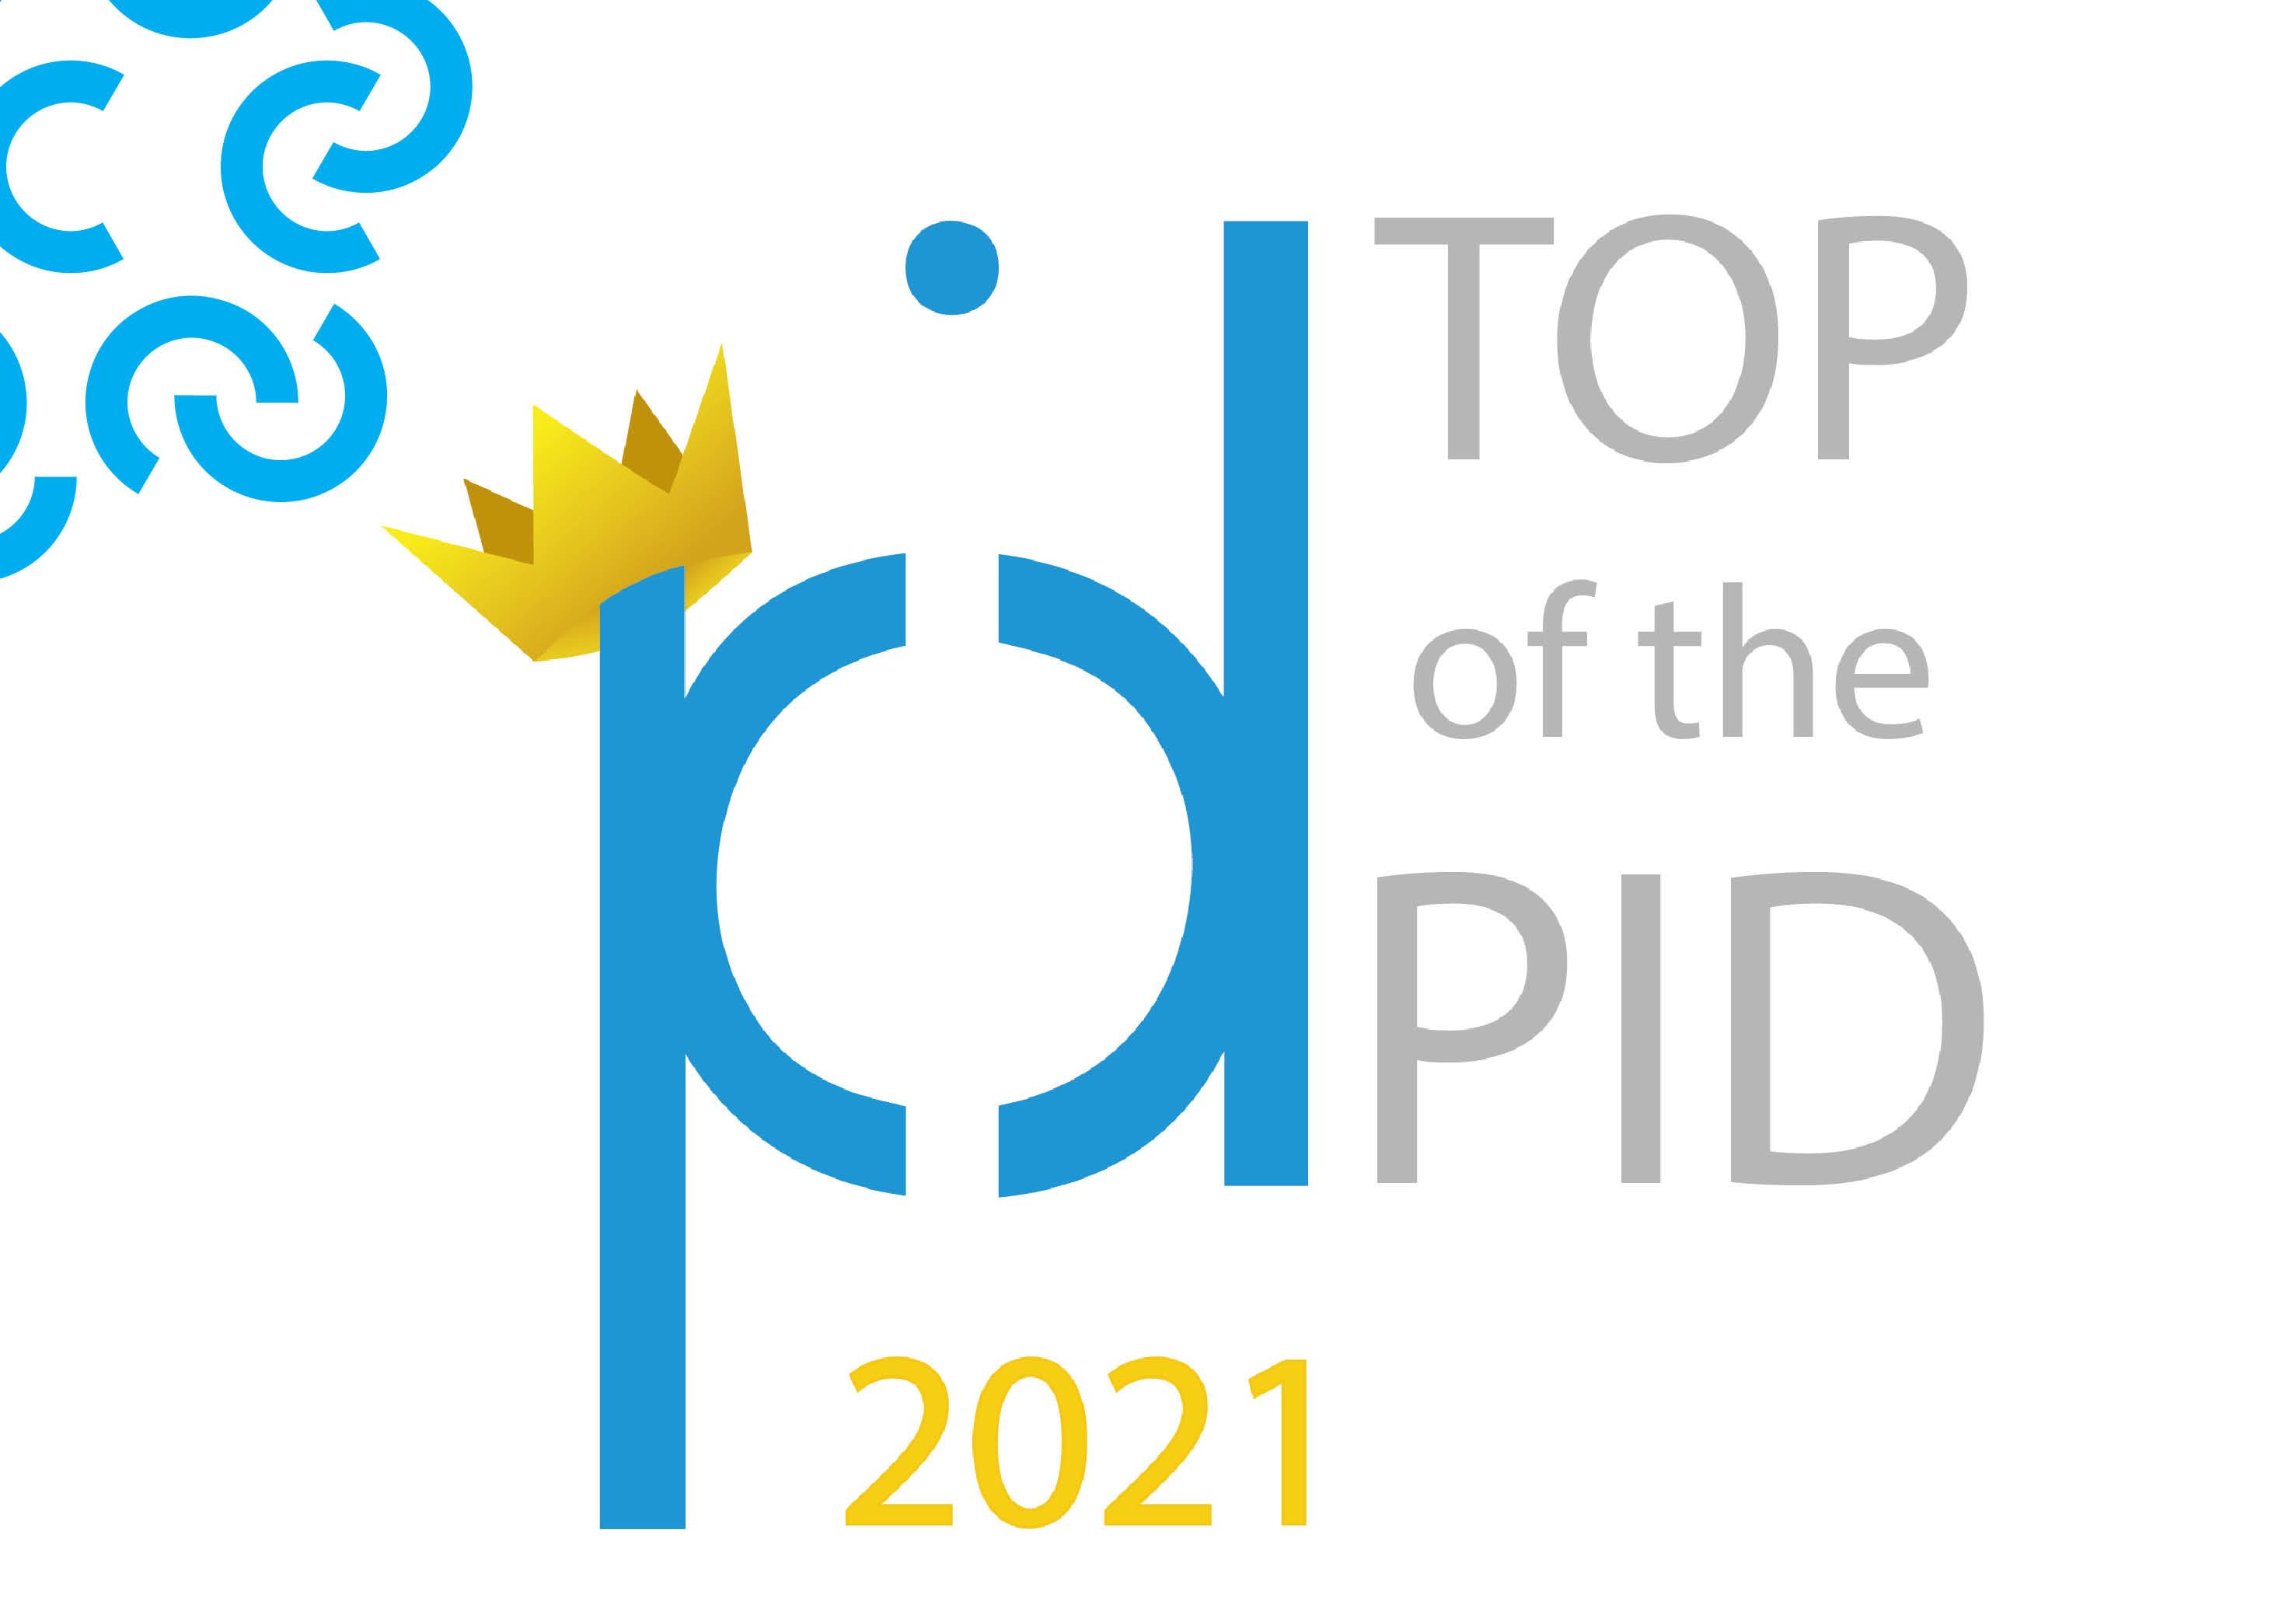 Premio TOP OF THE PID 2021 - Terza Edizione